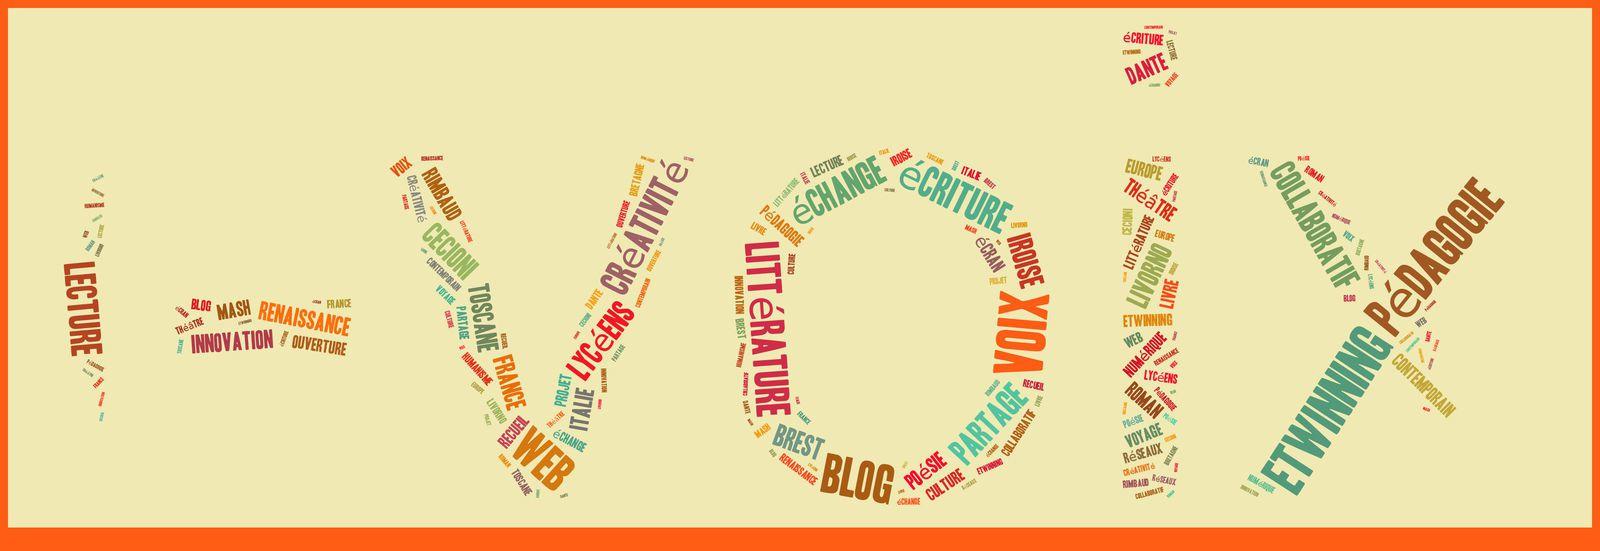 03 - Les catégories du blog